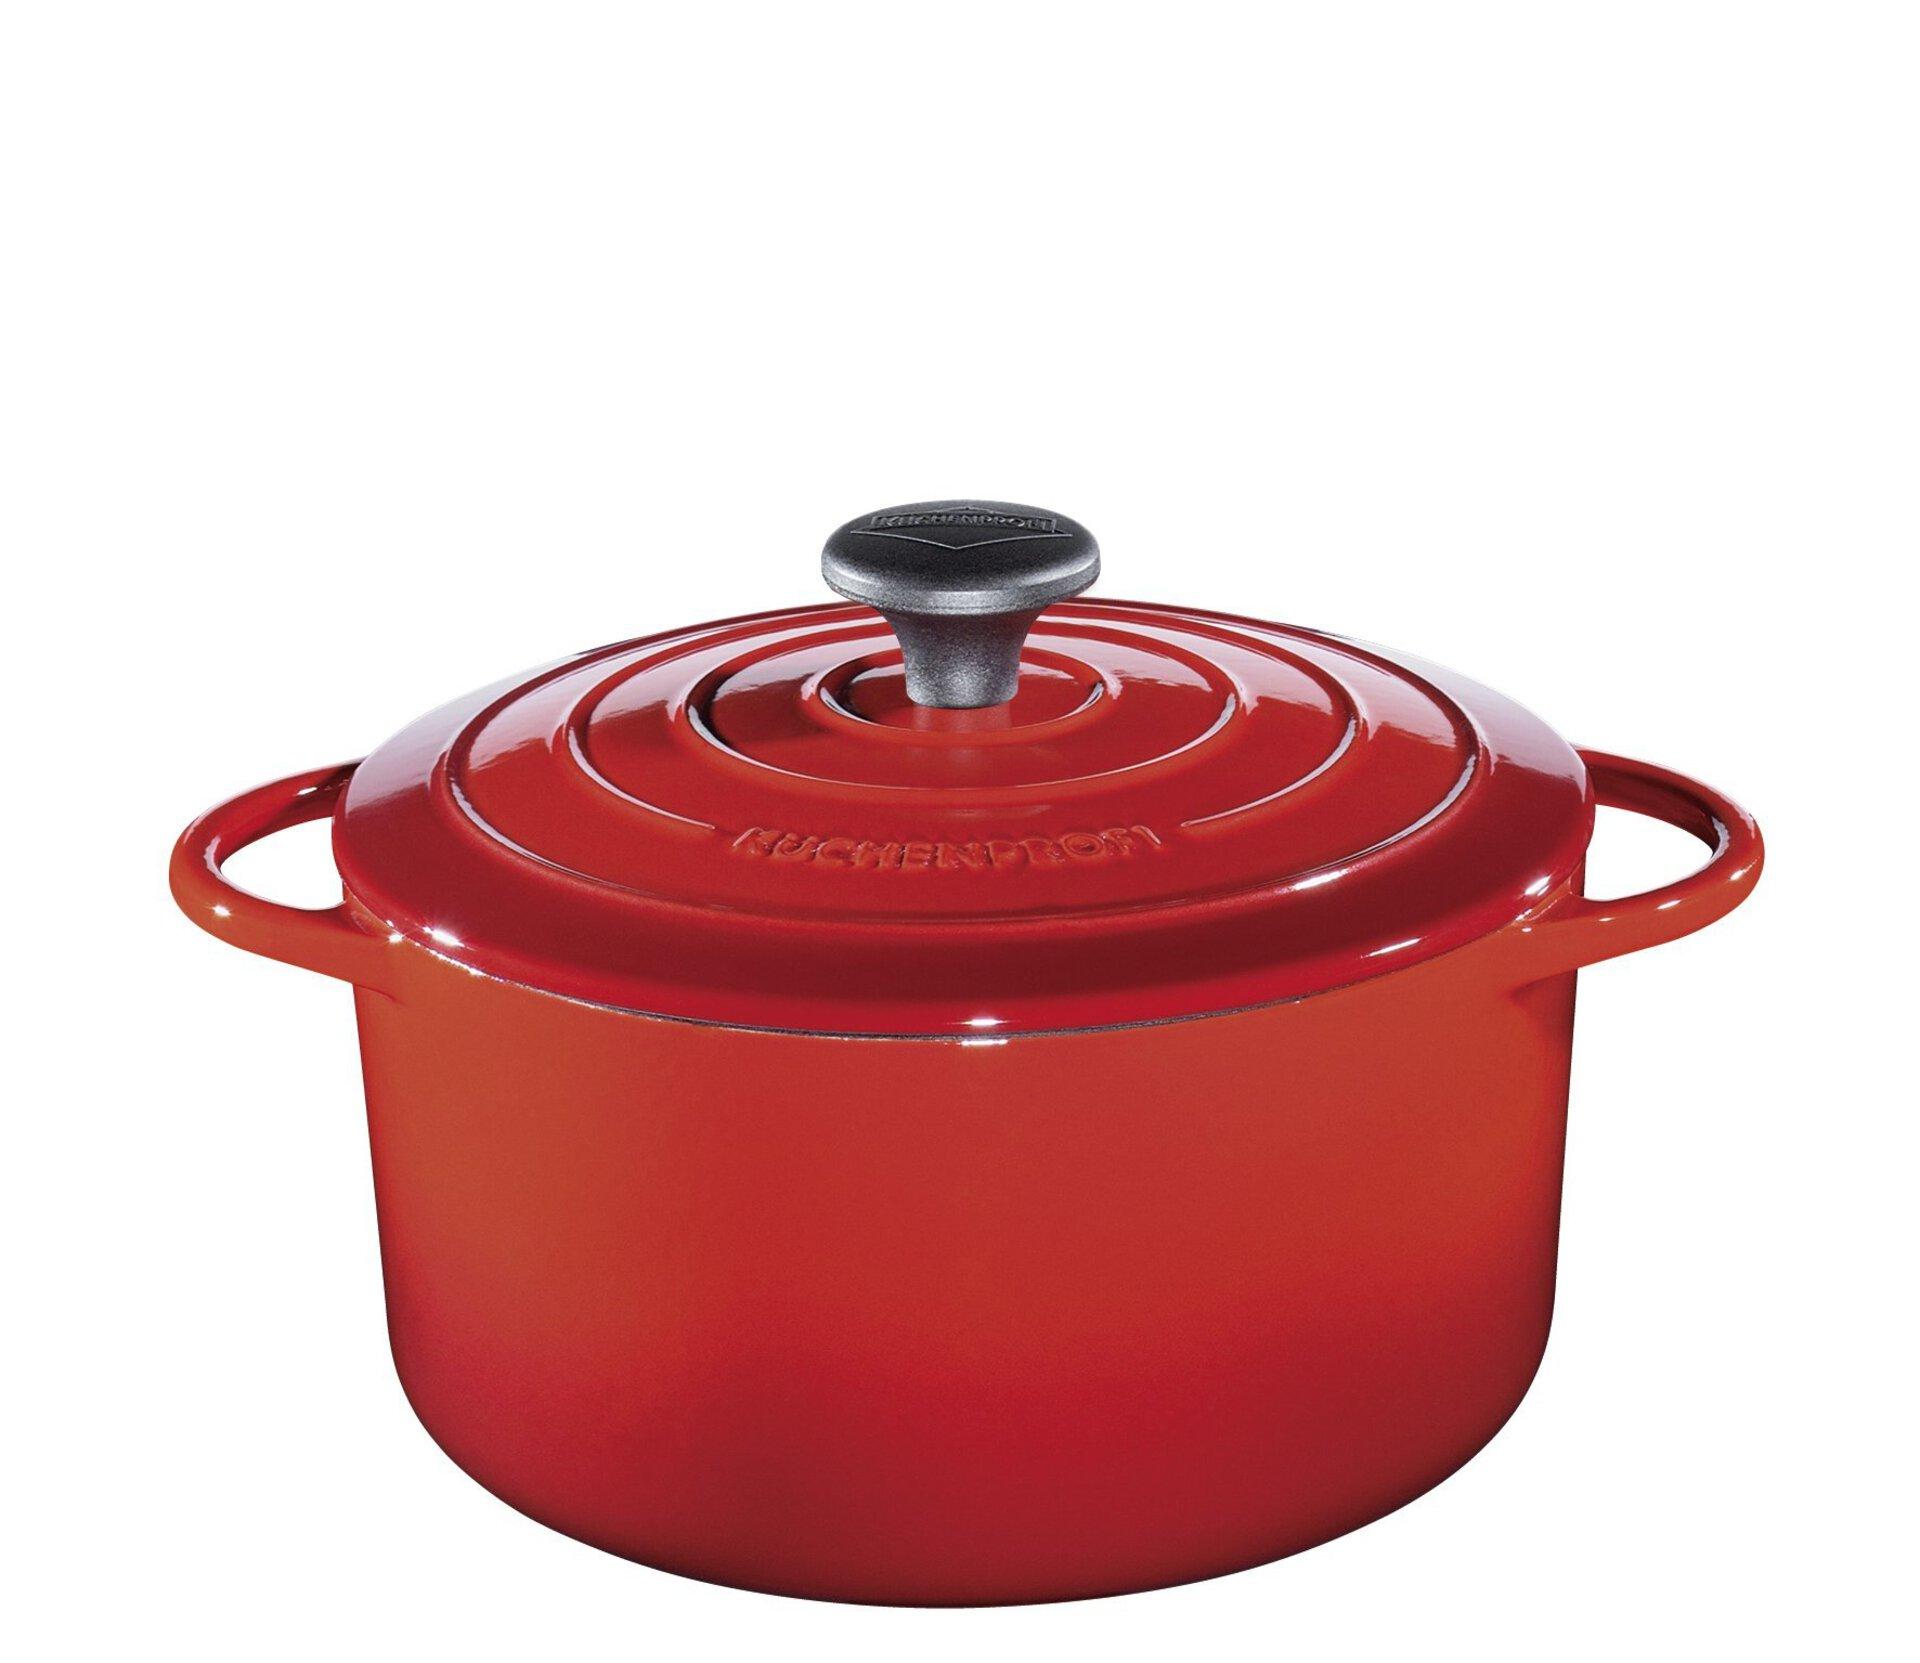 Topf PROVENCE Küchenprofi Metall rot 31 x 11 x